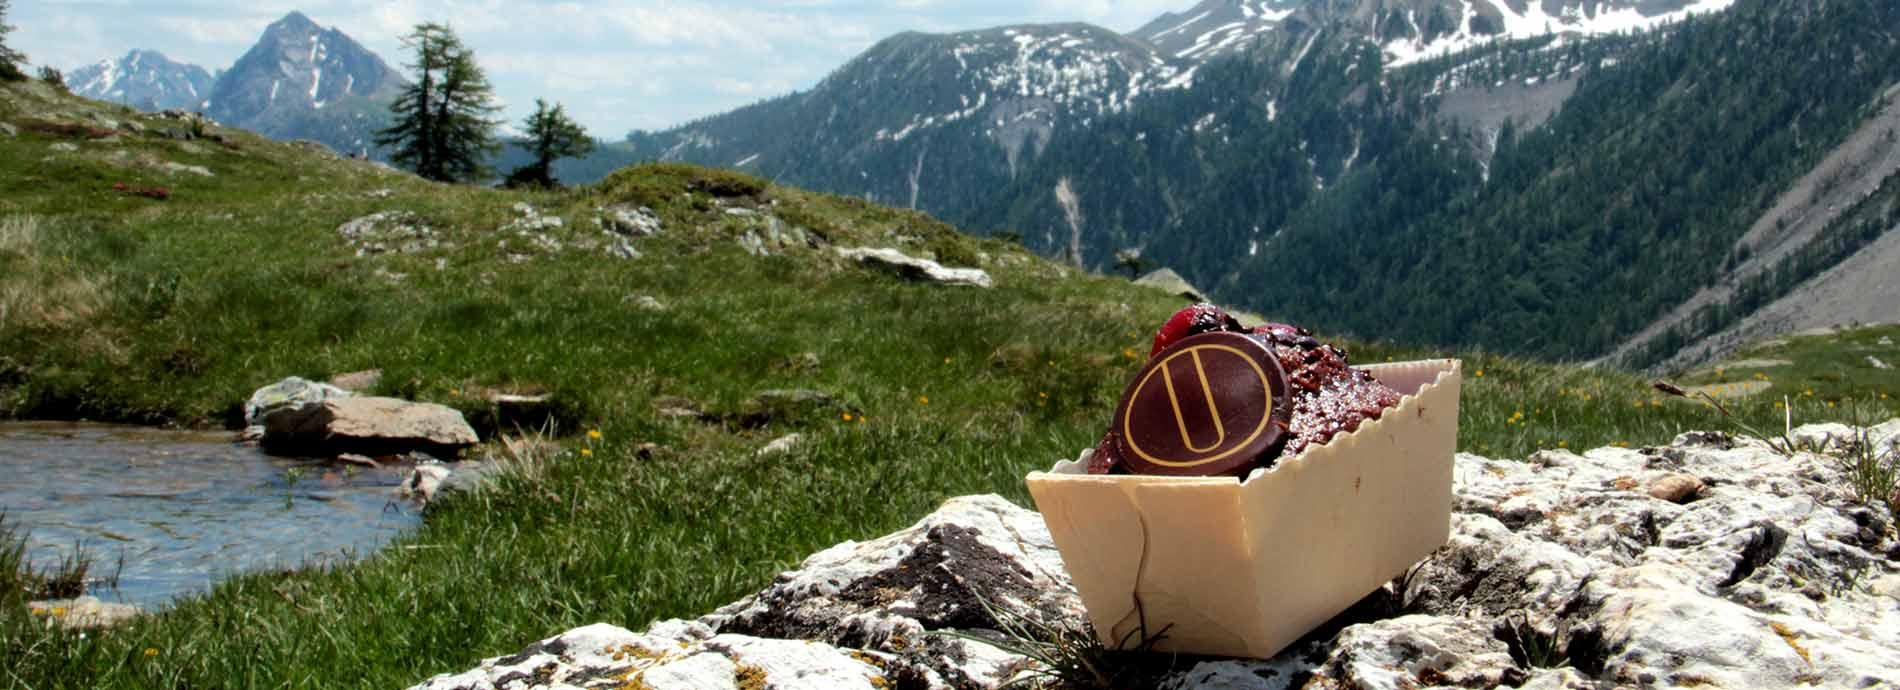 sapore di montagna in valle stretta dolci di montagna pasticceria ugetti bardonecchia